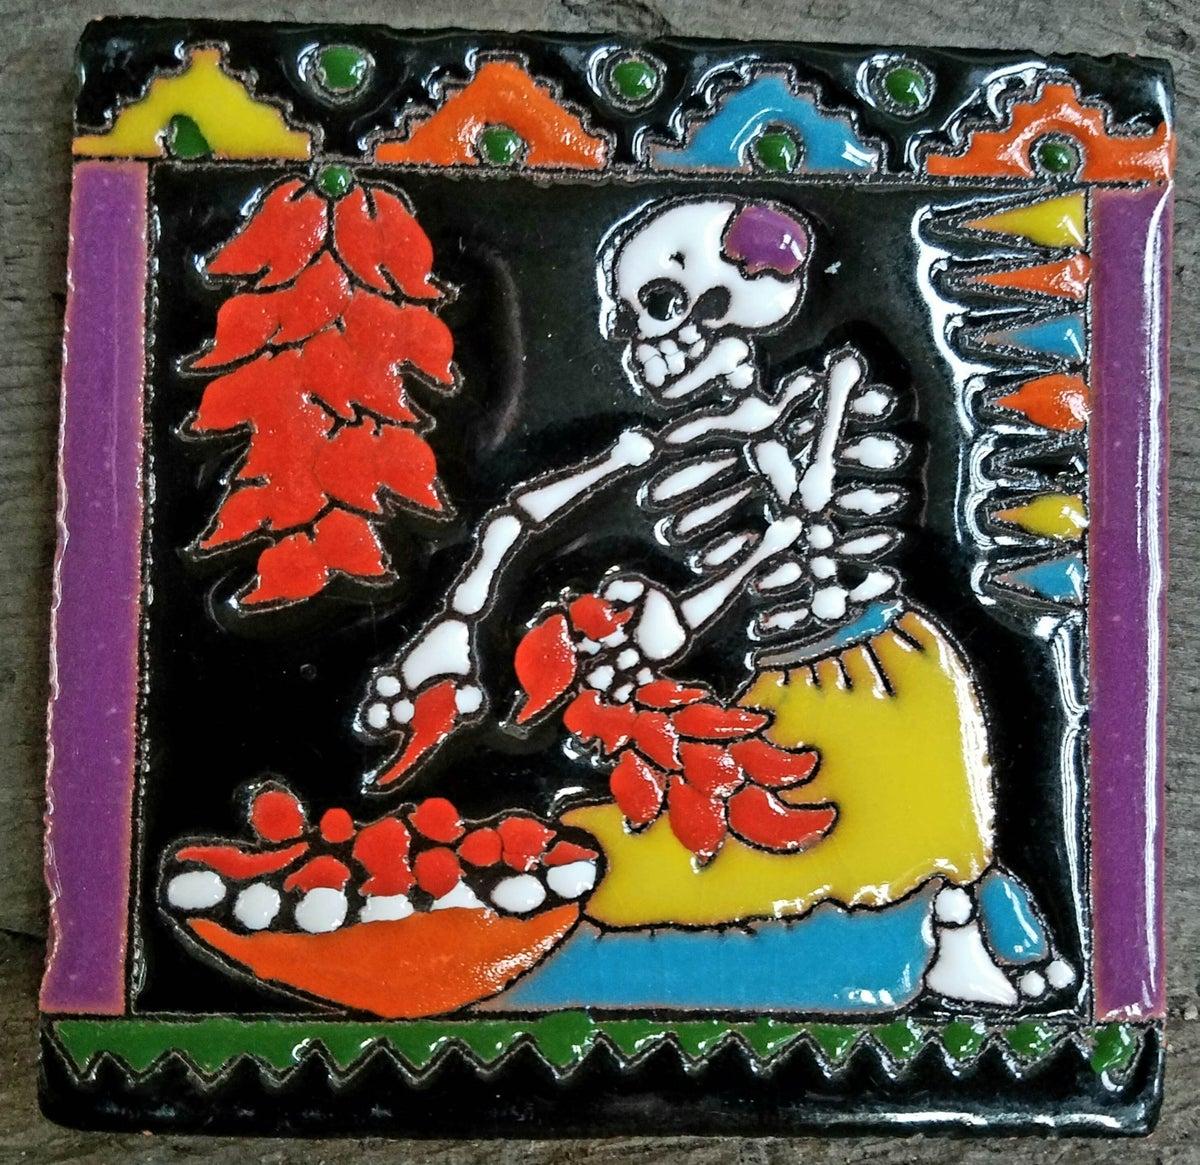 Image of Chili Coaster Tile